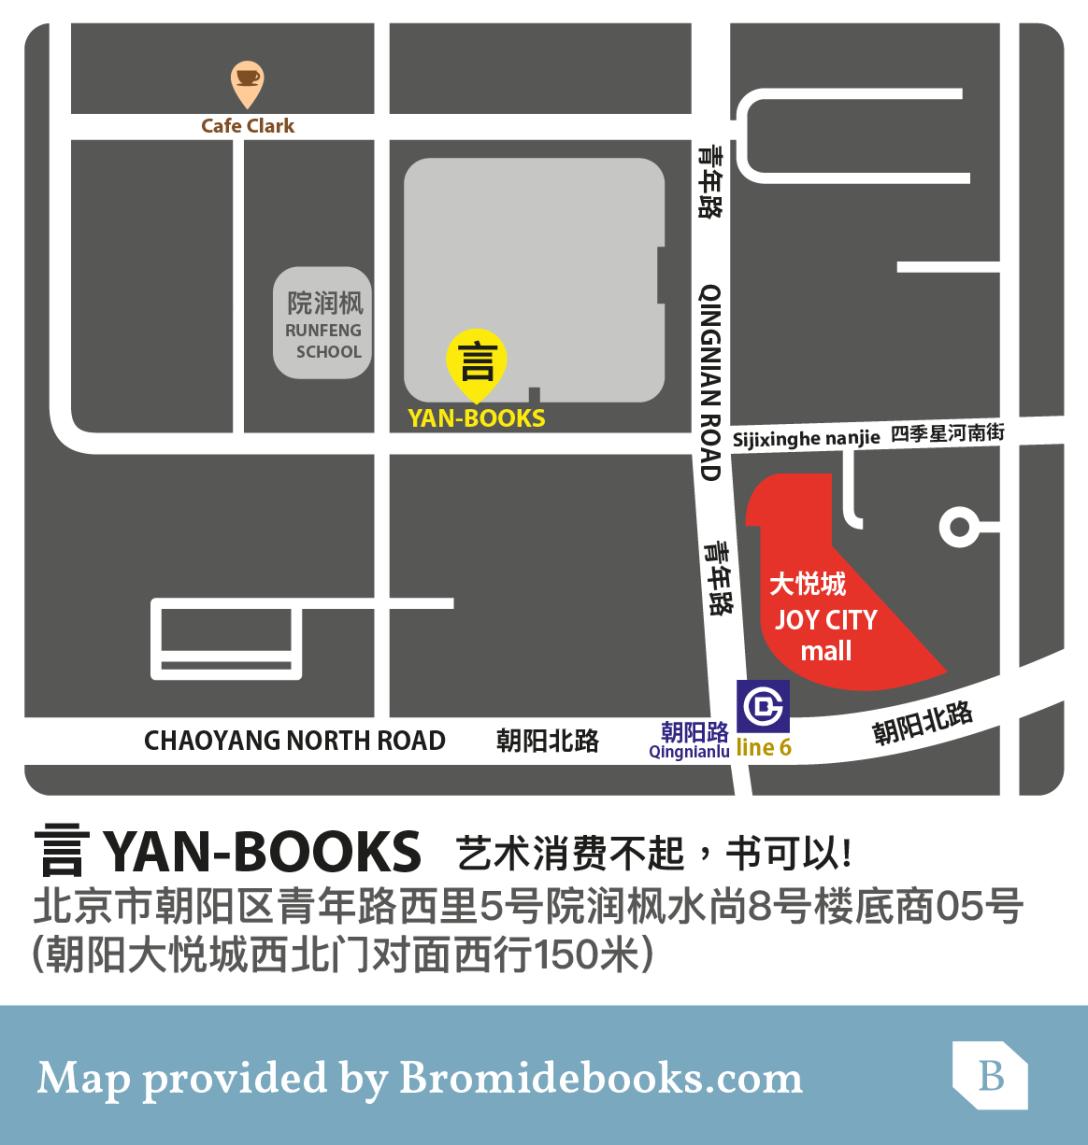 YAN BOOKS map